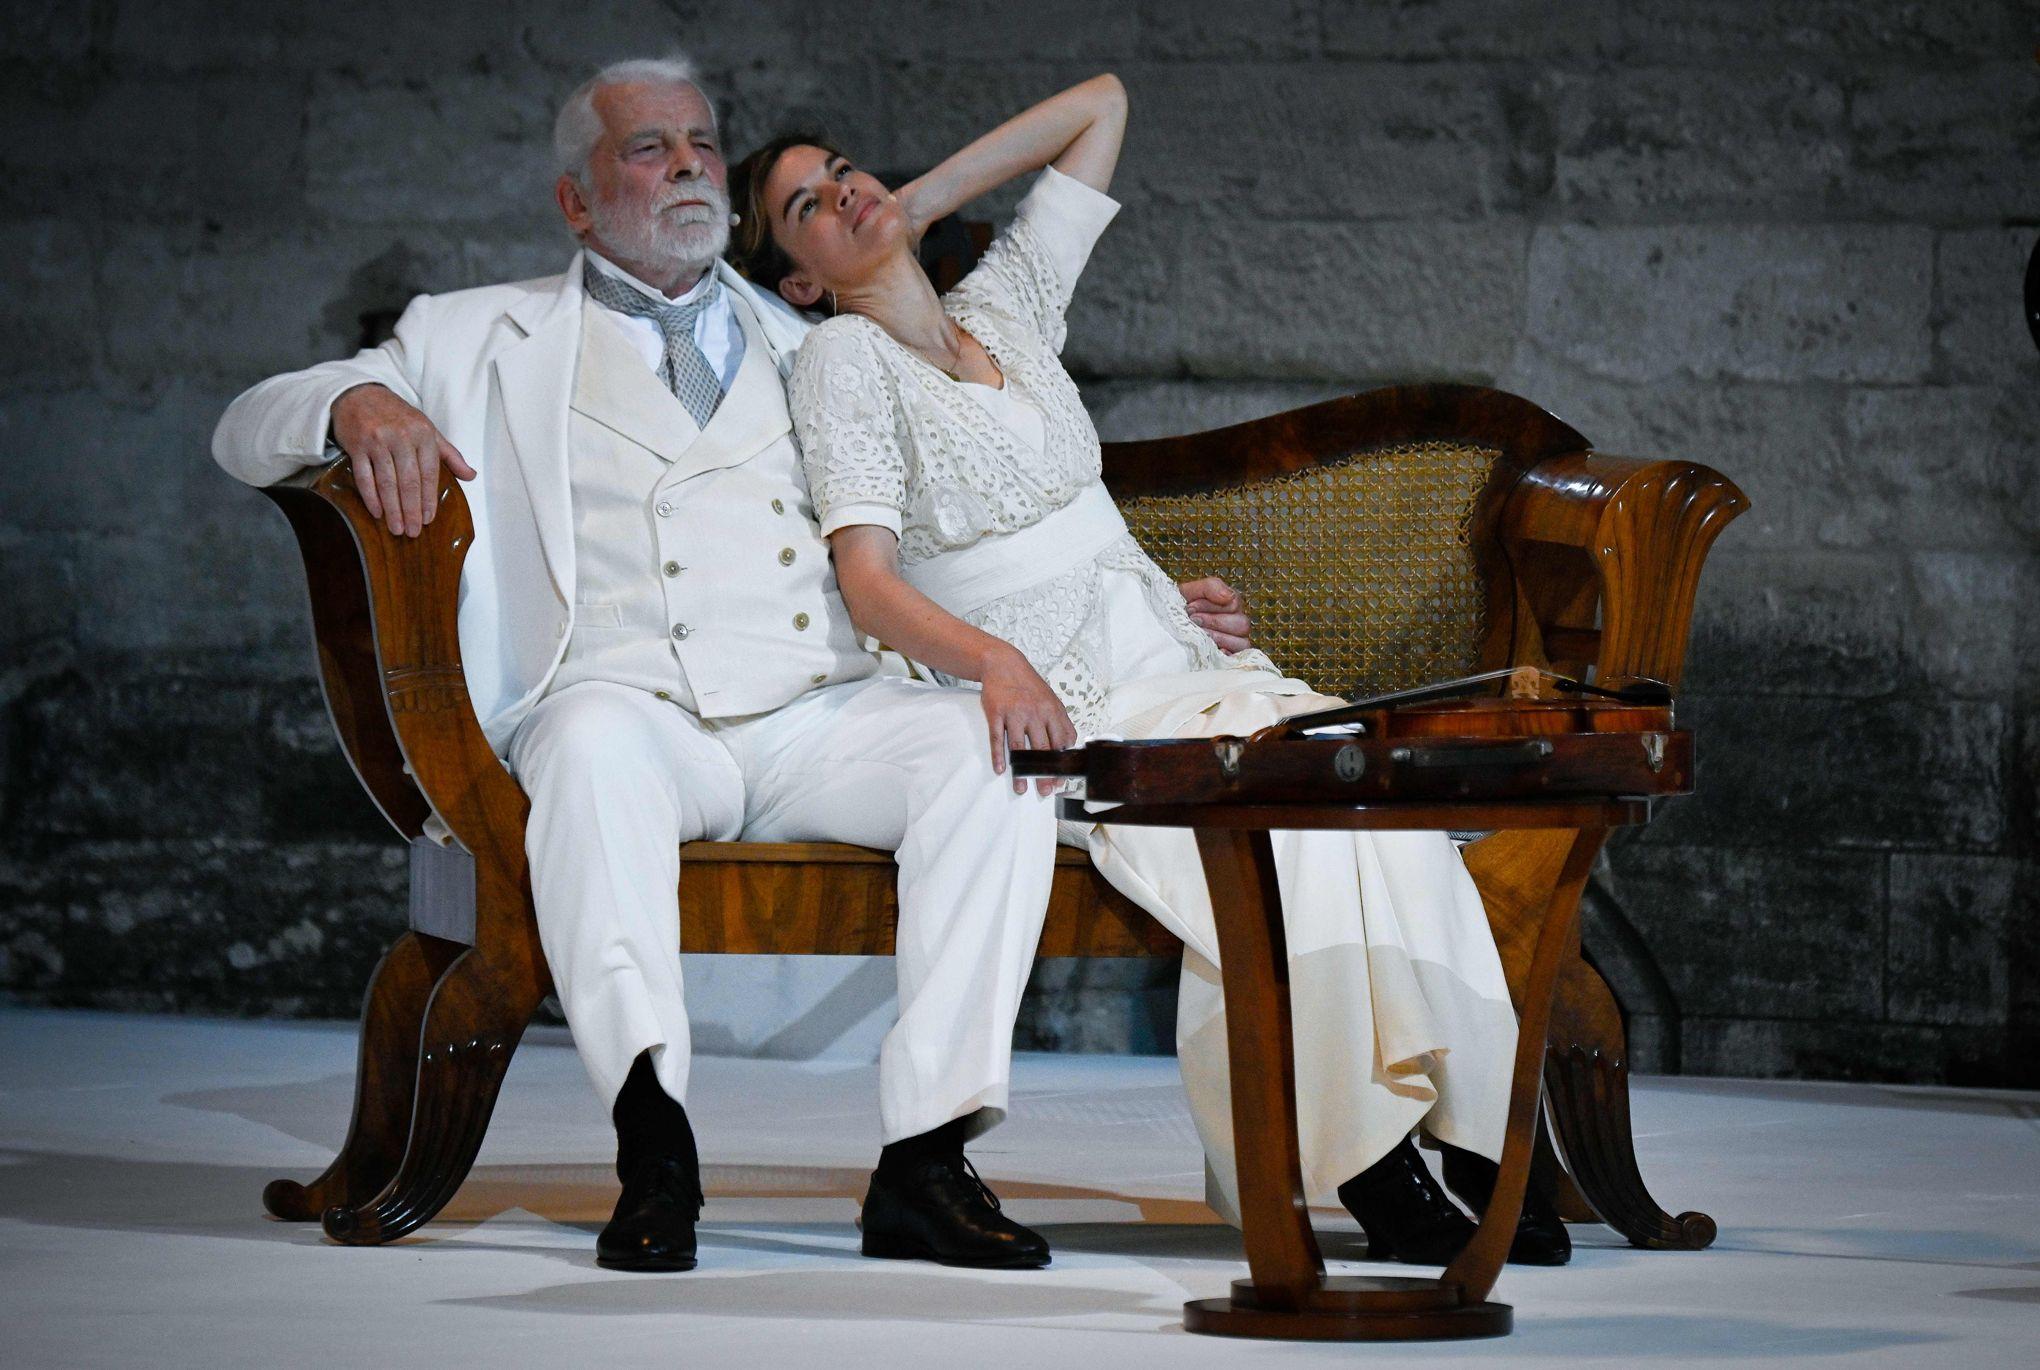 """Jacques Weber et Marie-Sophie Ferdane interprètent la pièce """"Architecture"""" de Pascal Rambert. La pièce a fait l'ouverture du festival d'Avignon le 4 juillet, dans la Cour d'Honneur du Palais des Papes."""